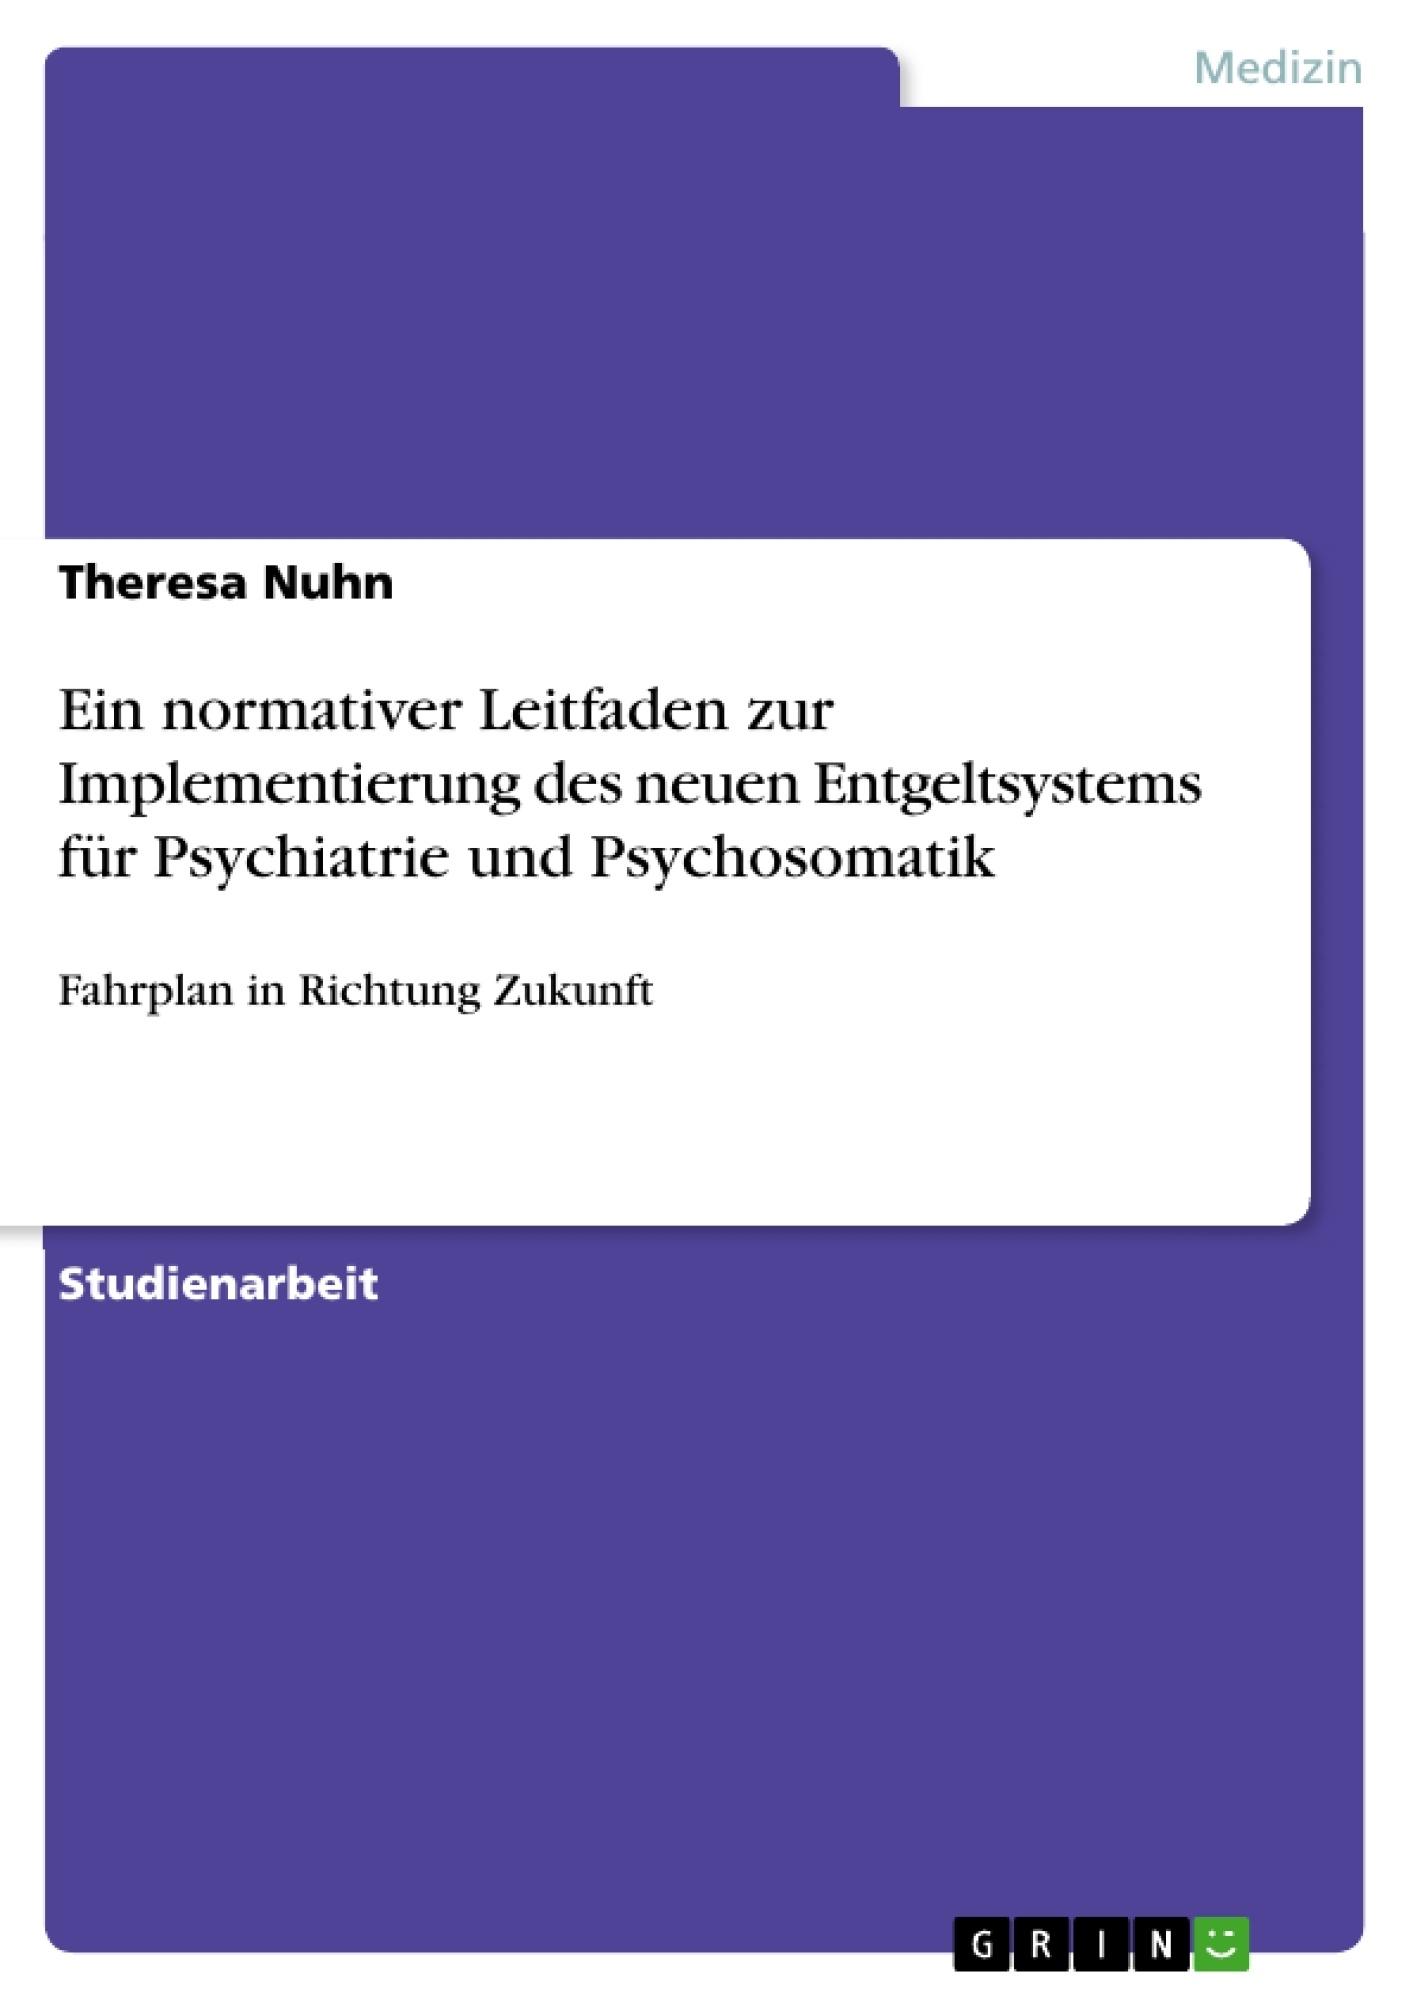 Titel: Ein normativer Leitfaden zur Implementierung des neuen Entgeltsystems für Psychiatrie und Psychosomatik